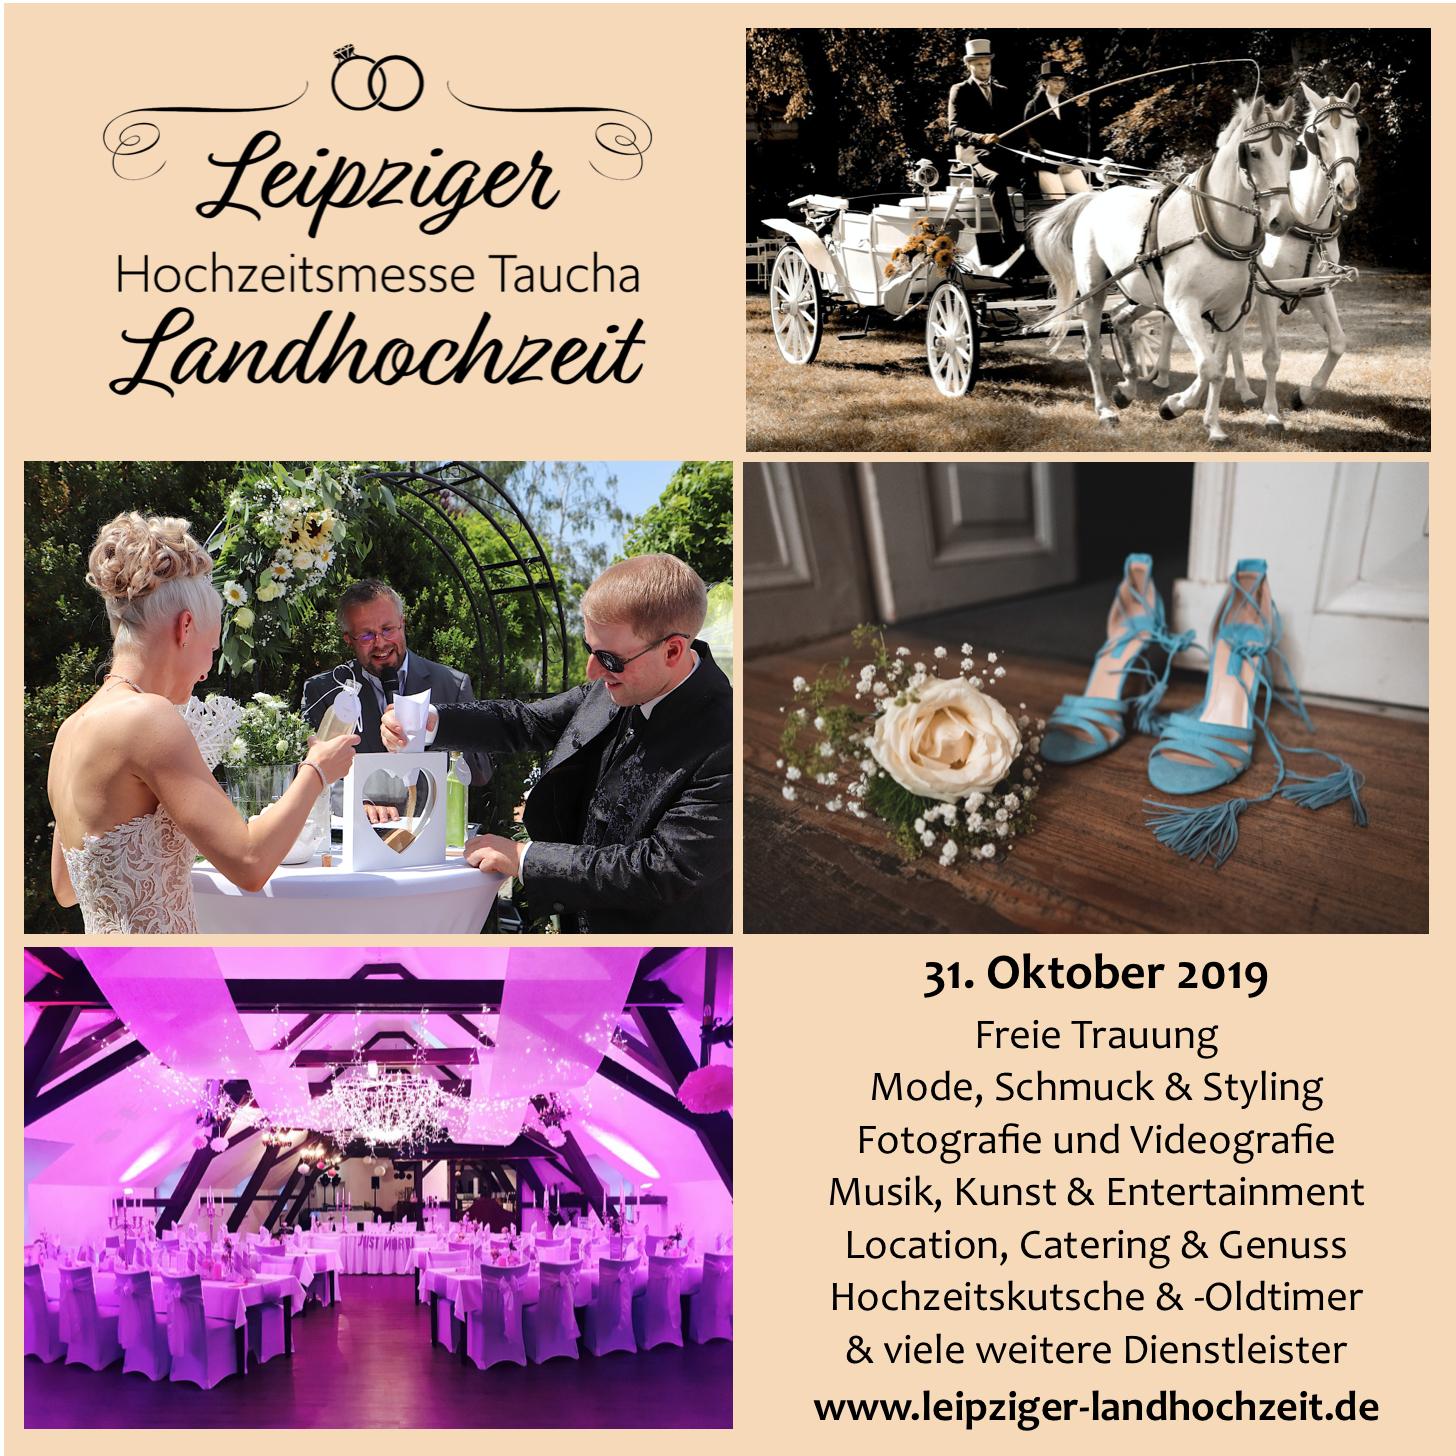 Hochzeitsmesse Leipziger Landhochzeit, Freie Trauung, Wunschrede, Trauredner